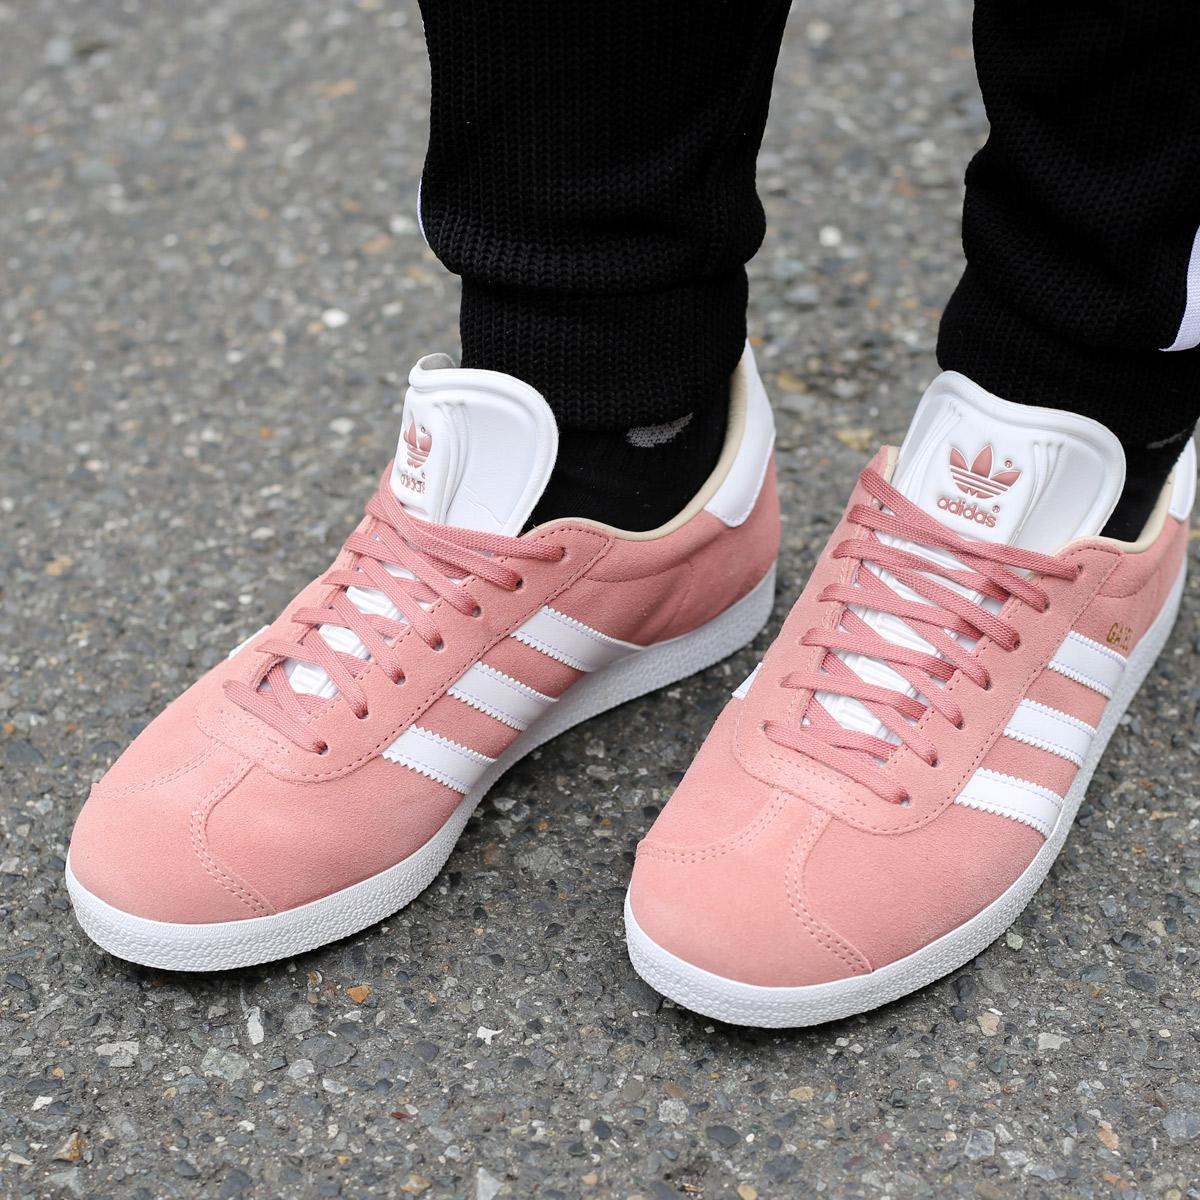 adidas originals gazelle pink - 52% OFF - naonsite.com